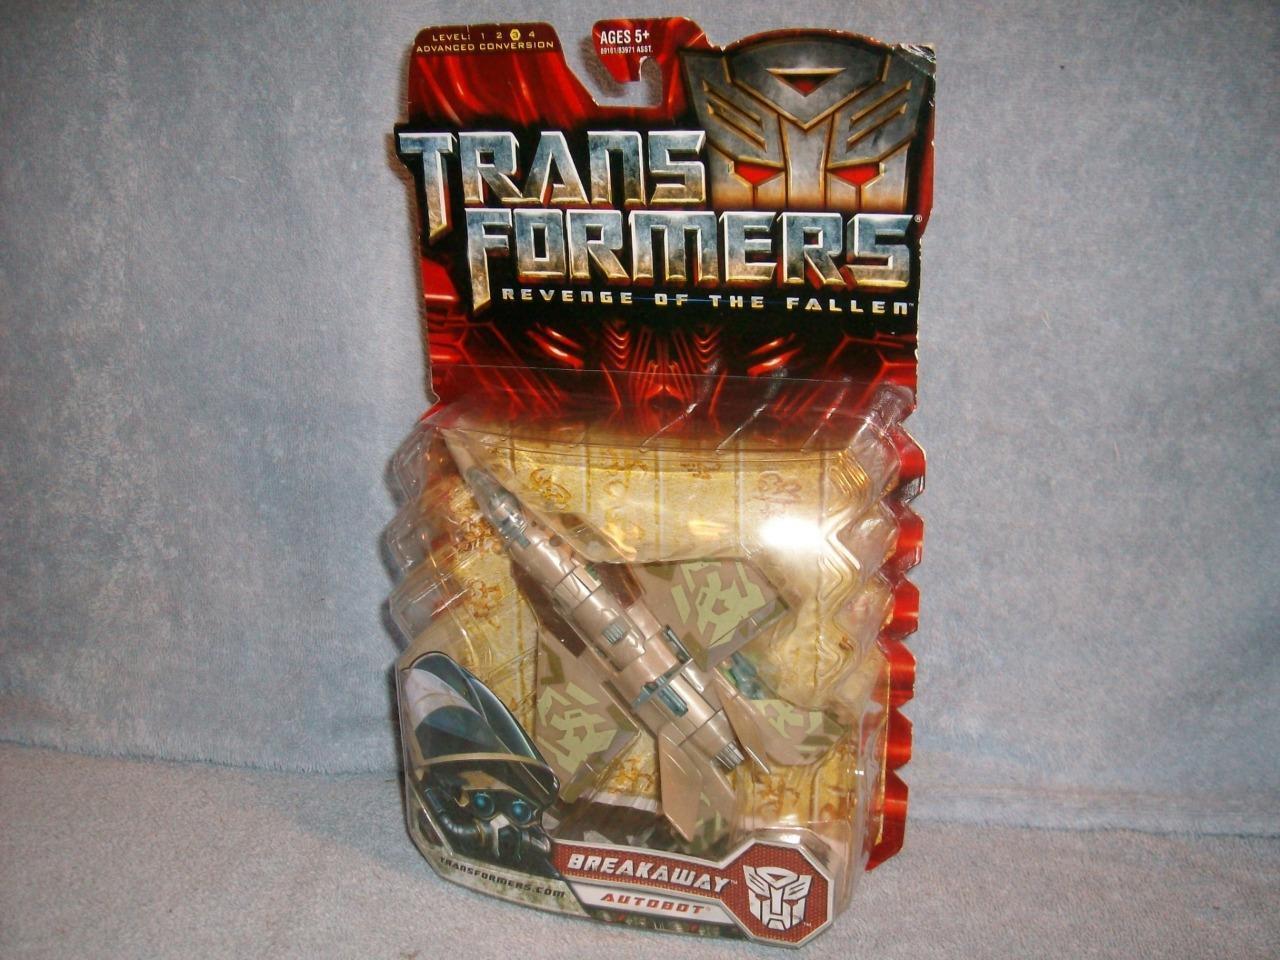 Breakaway Jet Transformers Revenge Revenge Revenge of the Fallen Level 3 Hasbro 2008 New Sealed 336220